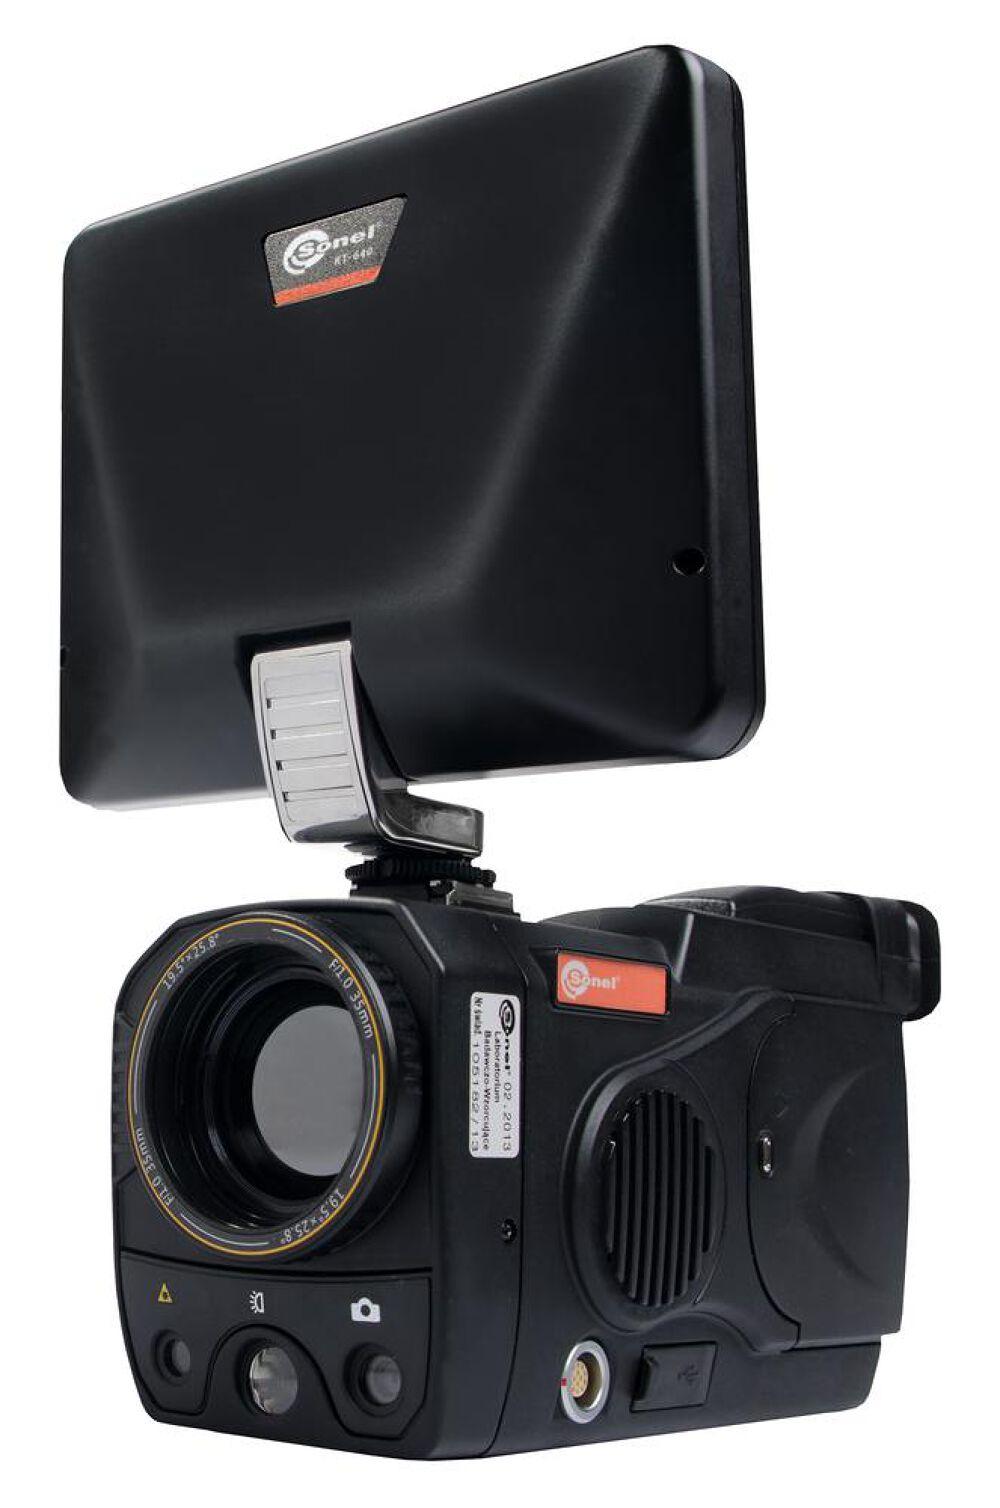 Máy ảnh nhiệt Sonel KT-640